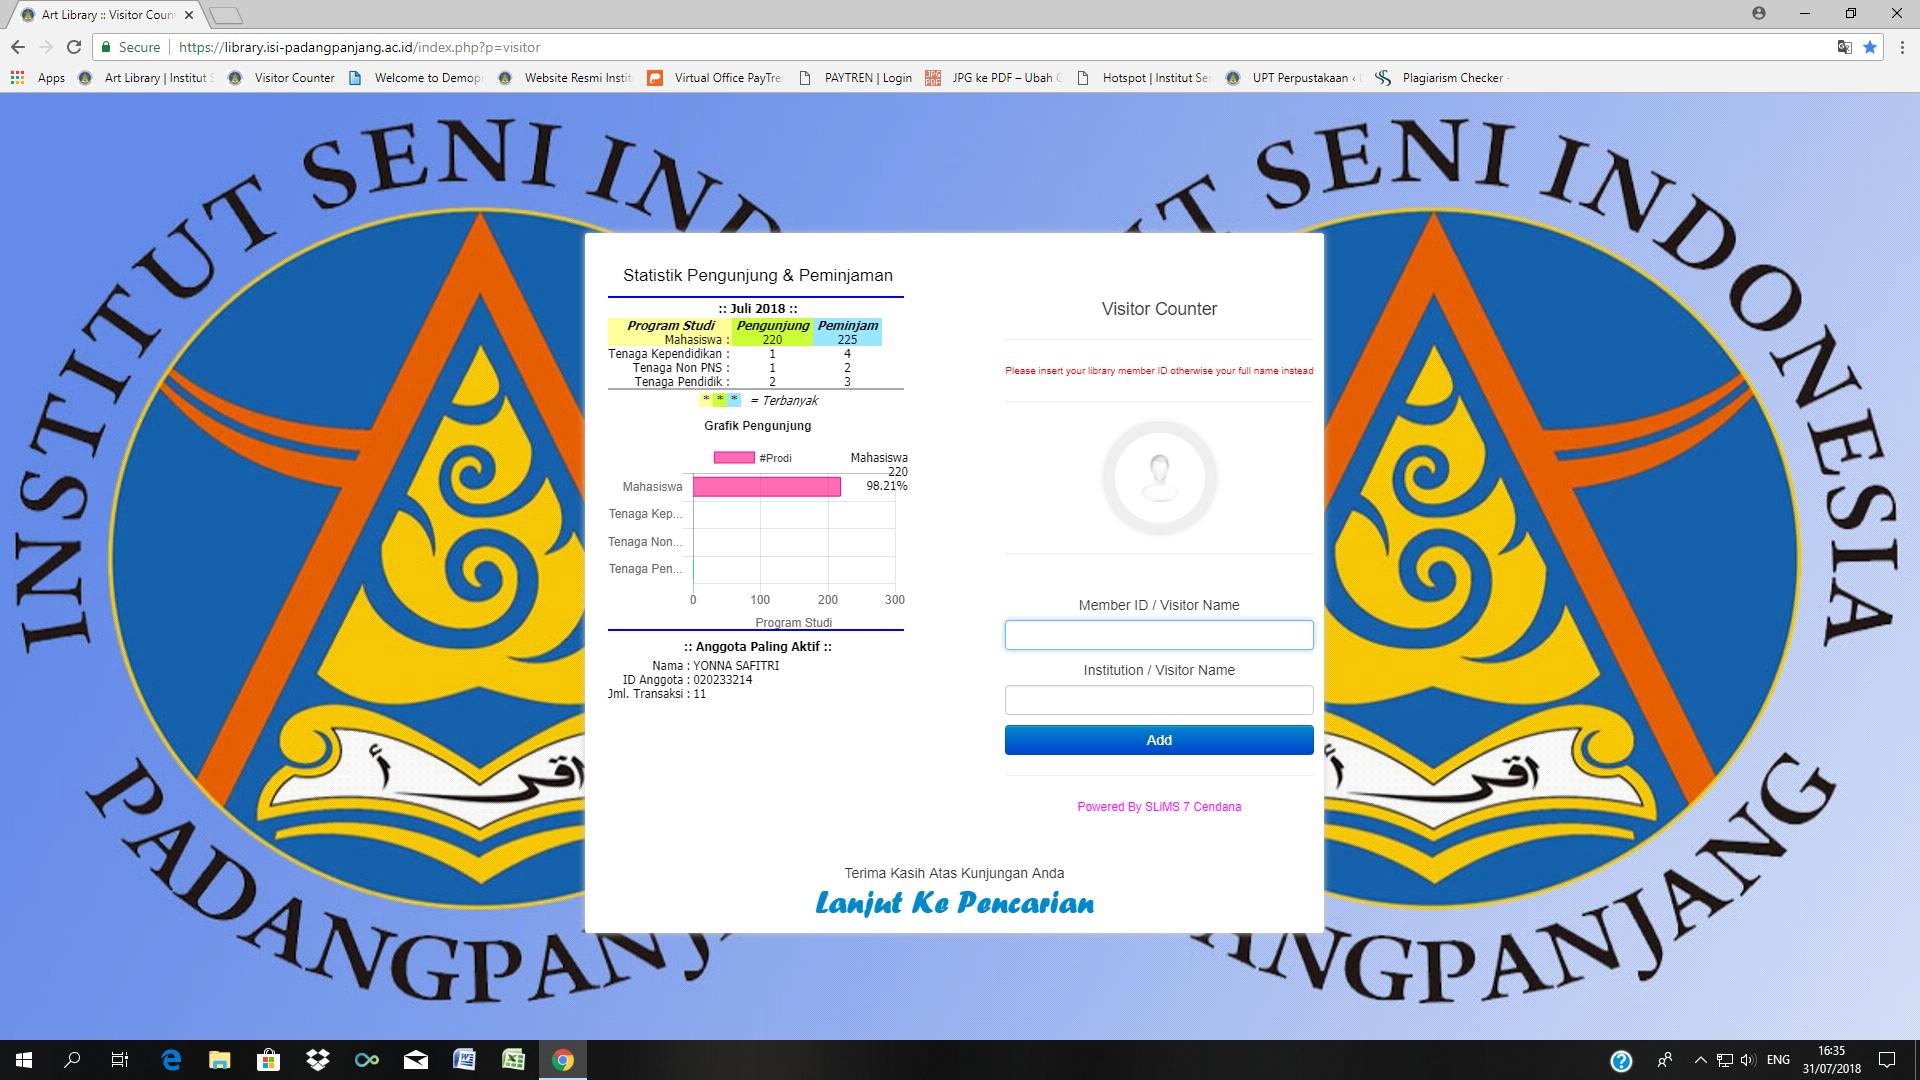 Laporan Pelayanan Sirkulasi Perpustakaan ISI Padang Panjang di Bulan Juli2018